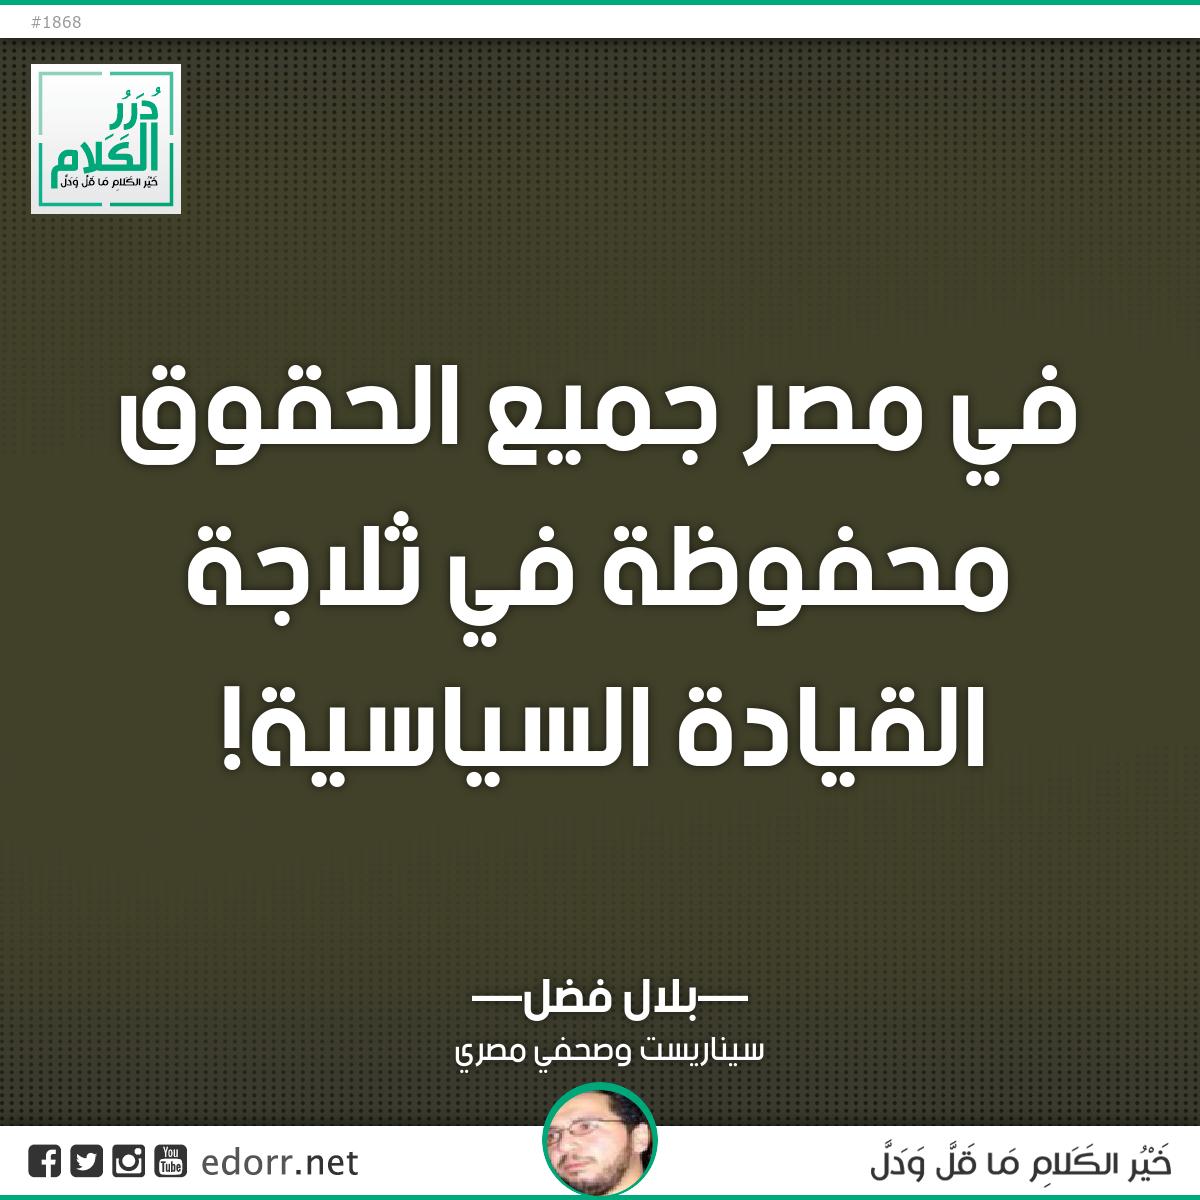 في مصر جميع الحقوق محفوظة.. في ثلاجة القيادة السياسية!